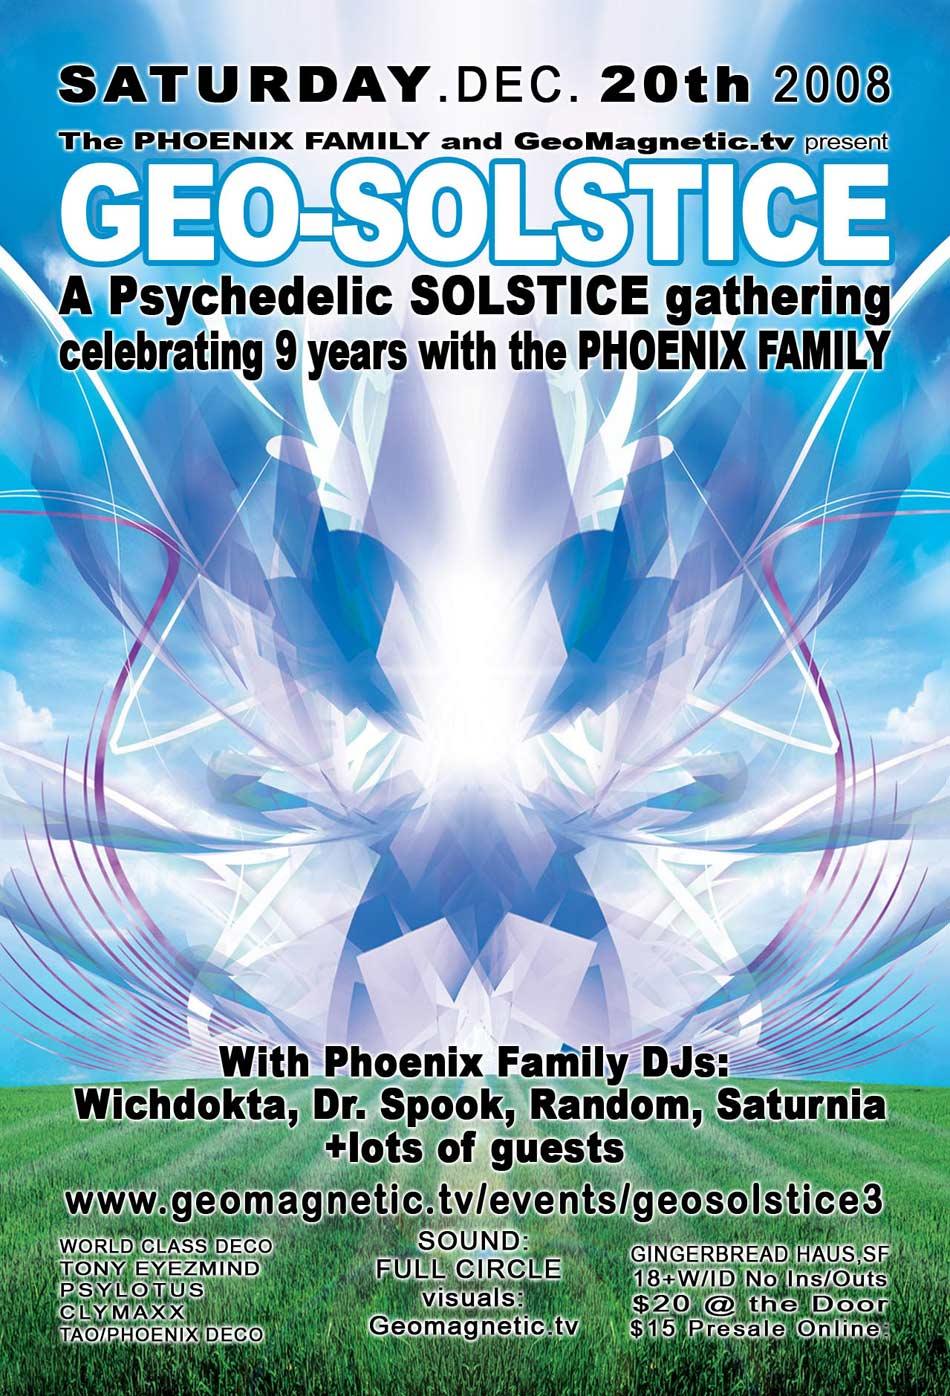 geo-solstice flyer